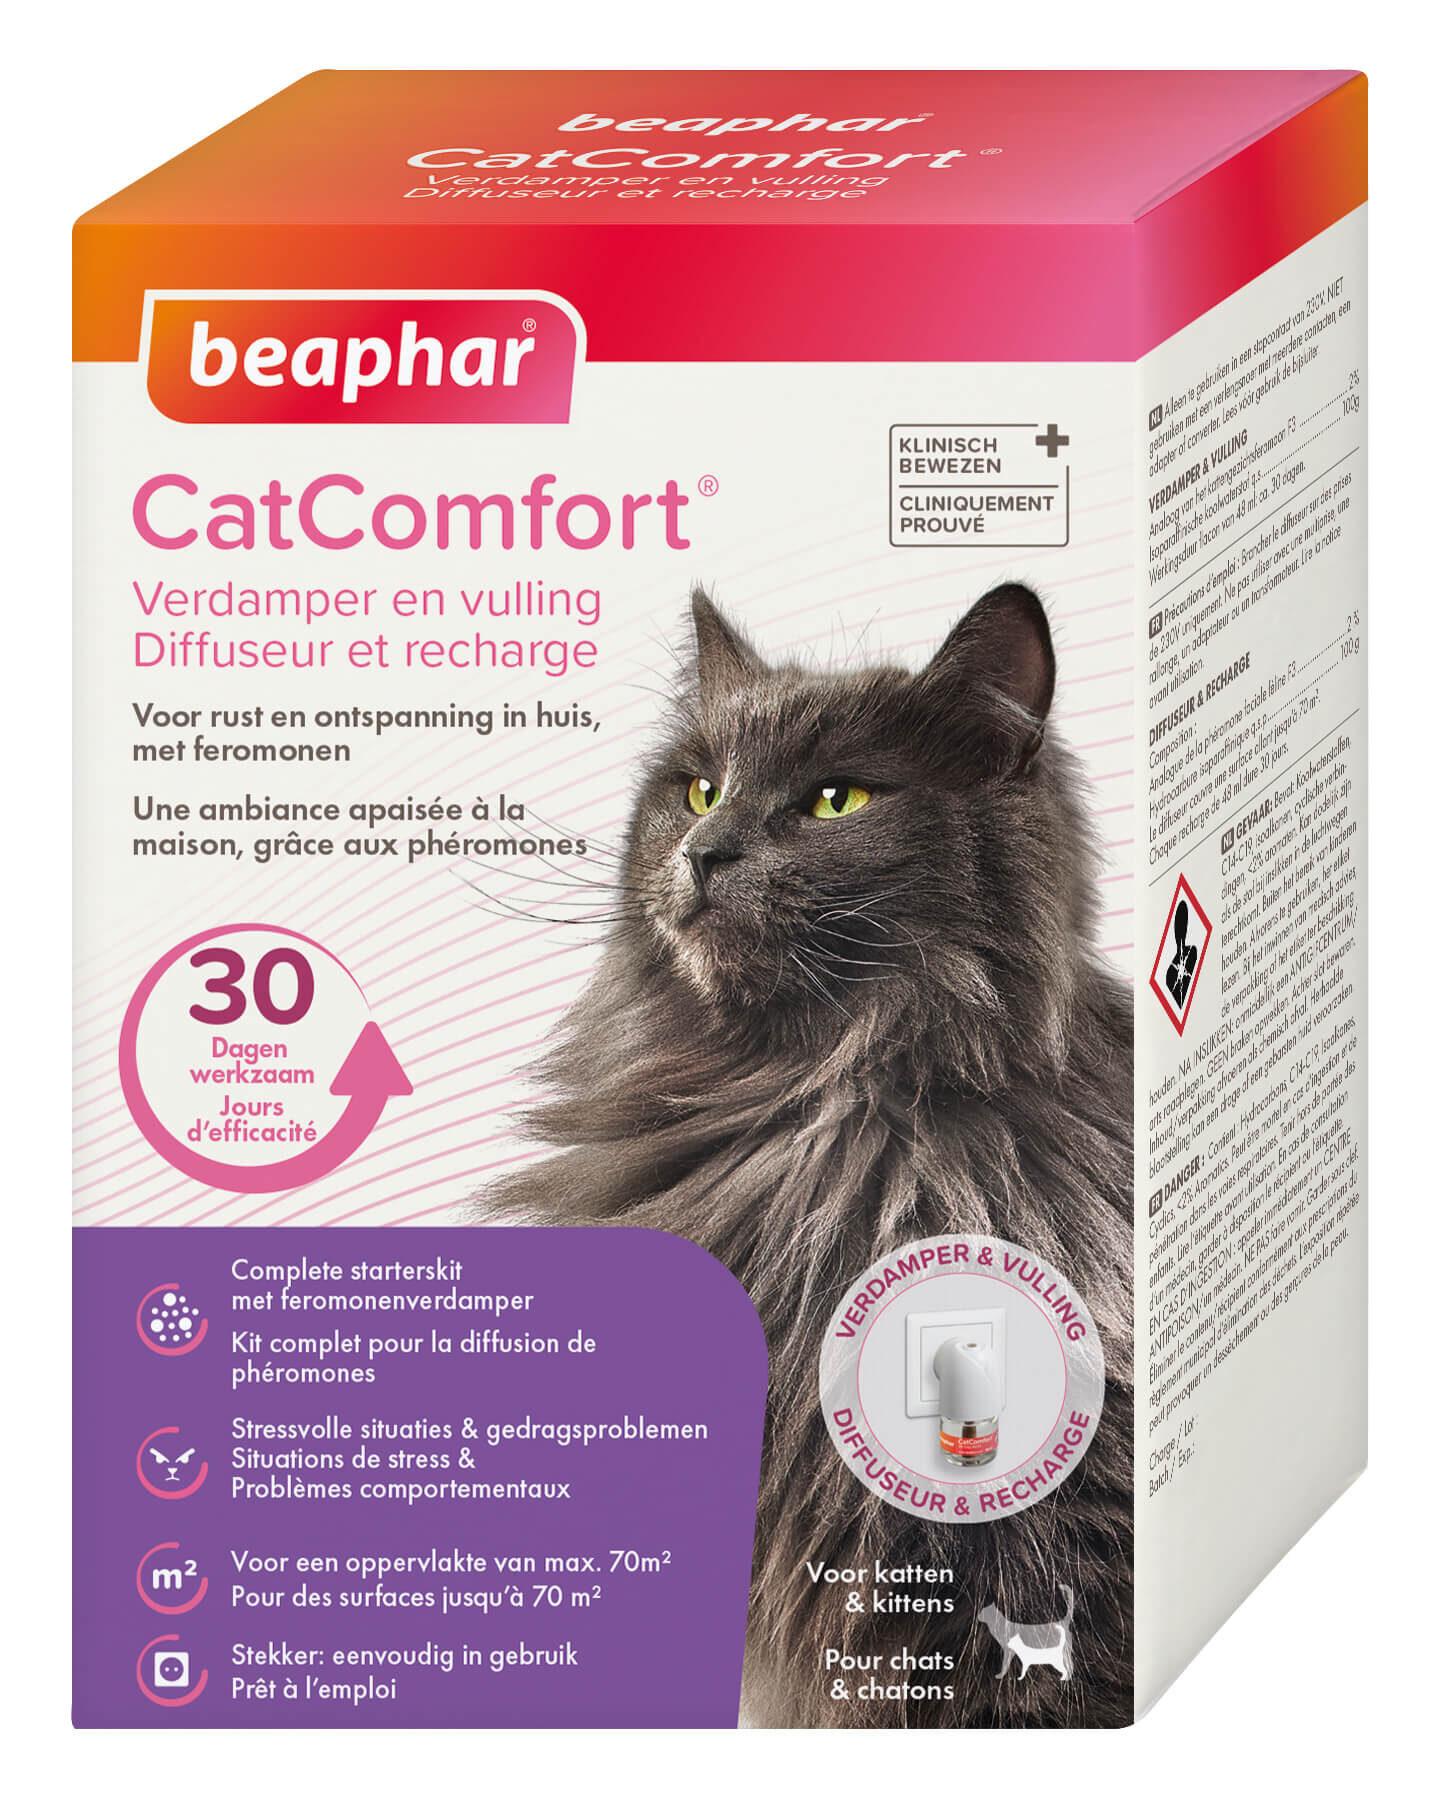 beaphar-catcomfort-complete-starterskit-met-feromonenverdamper